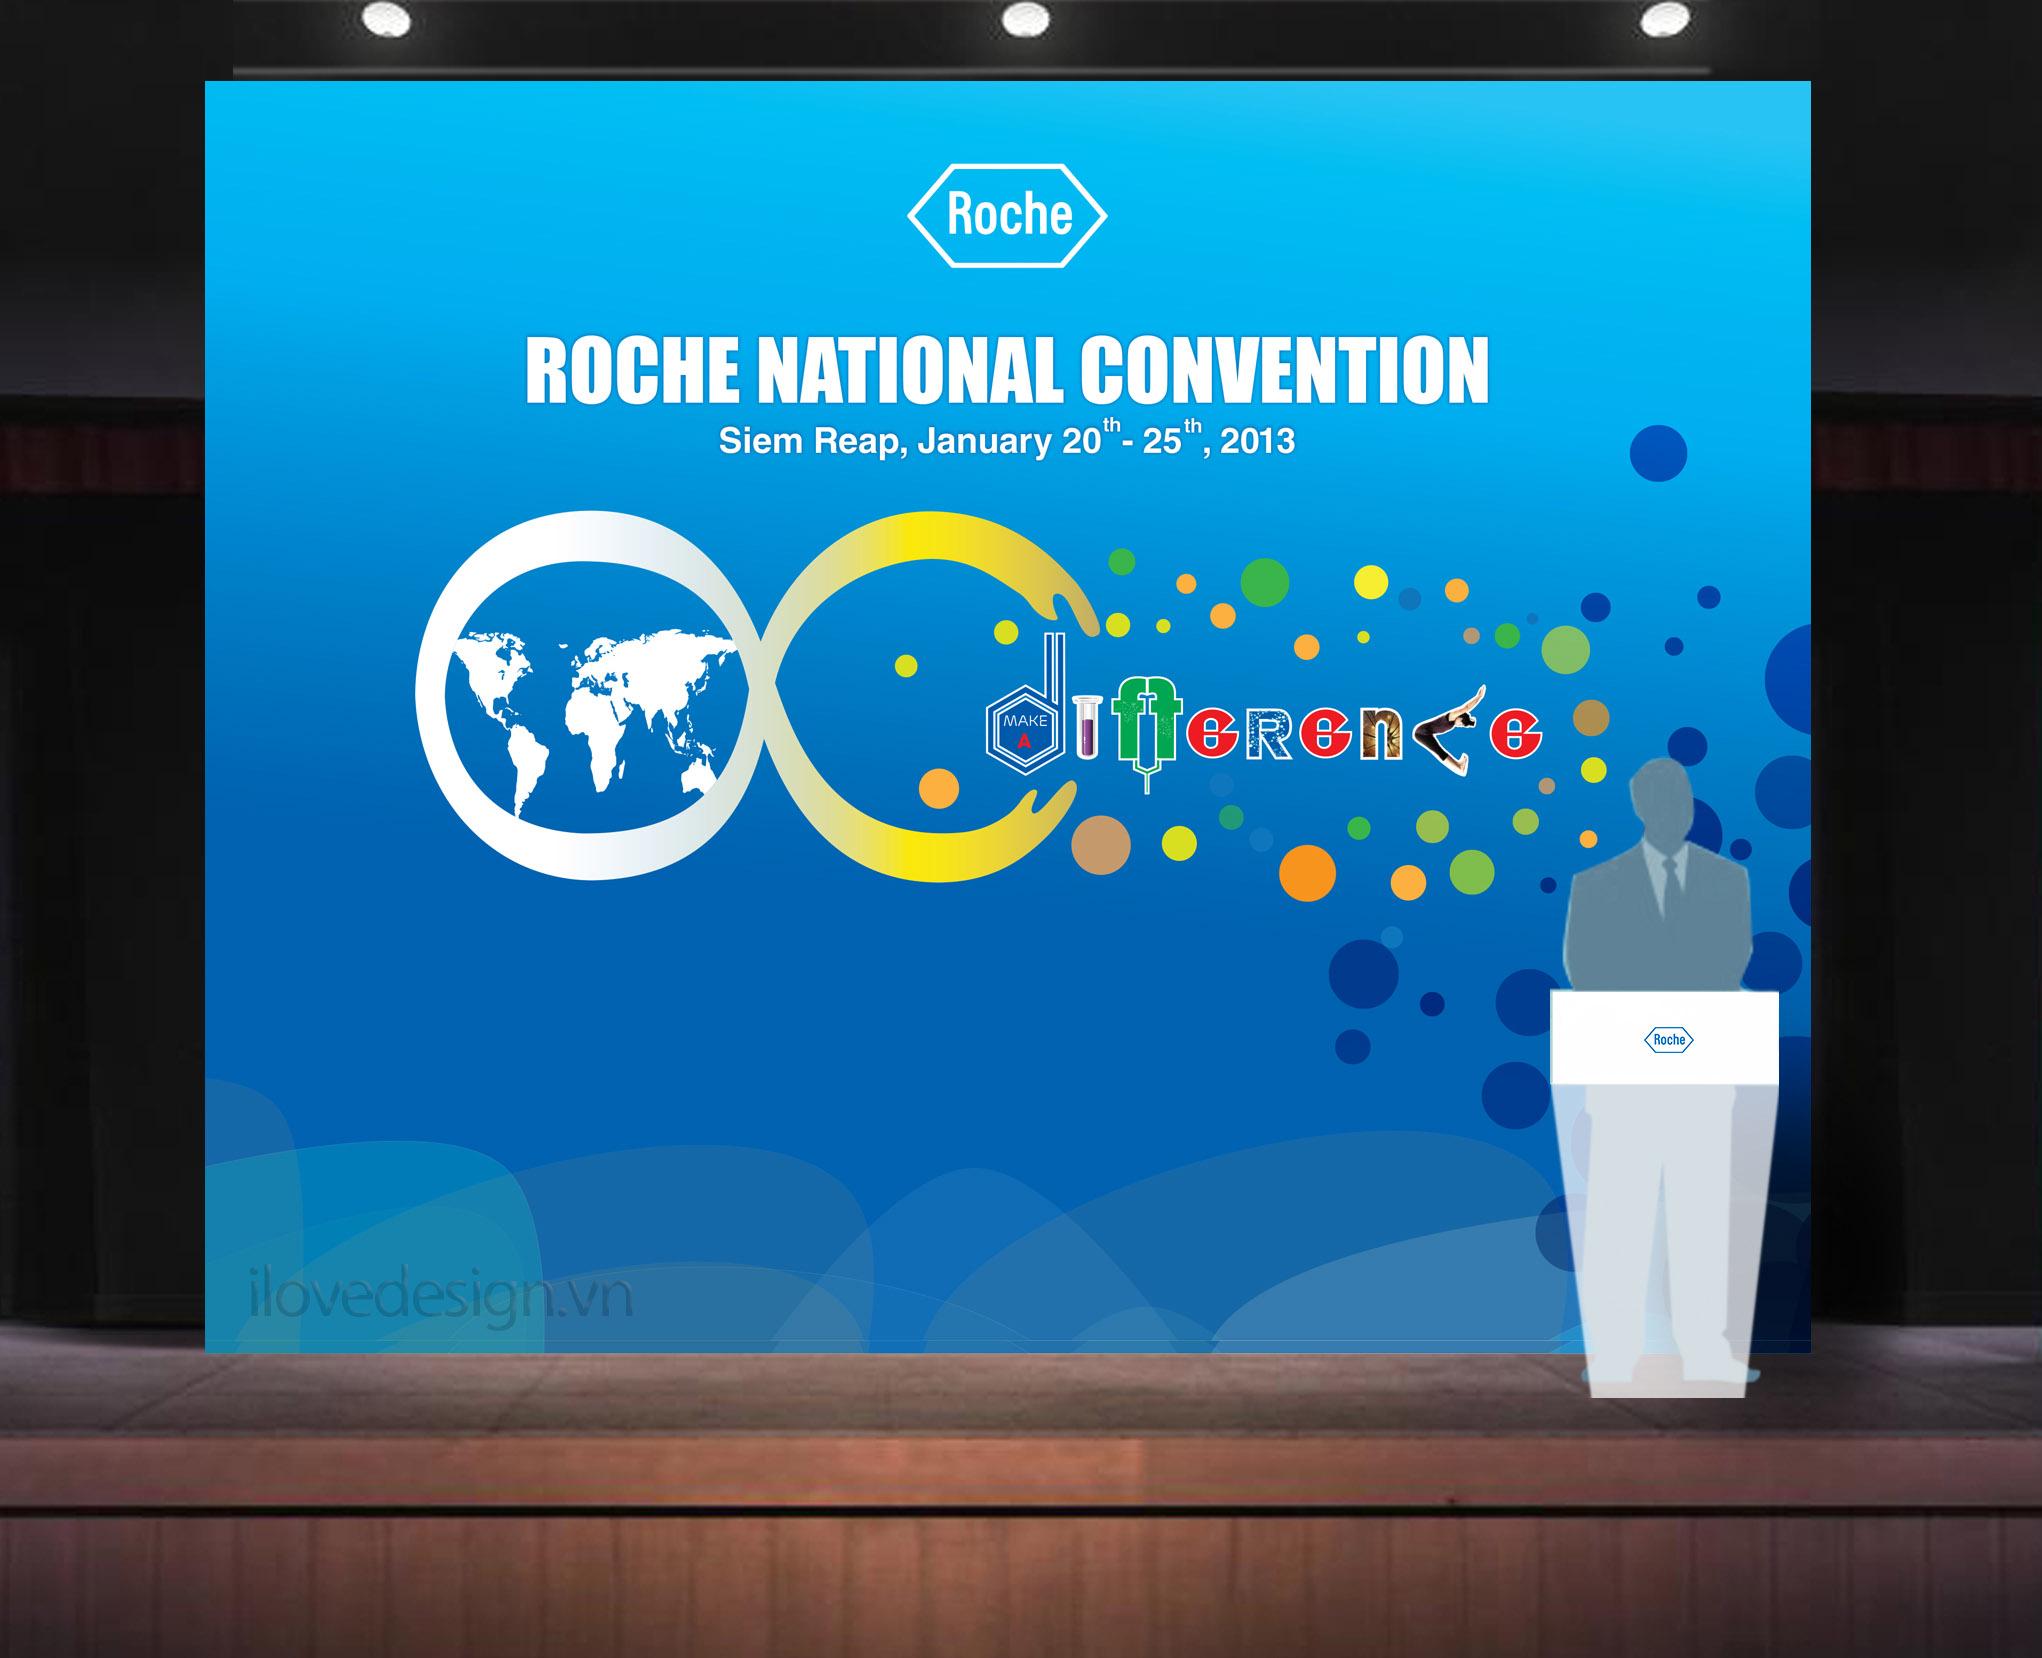 Thiết kế backdrop (phông nền)